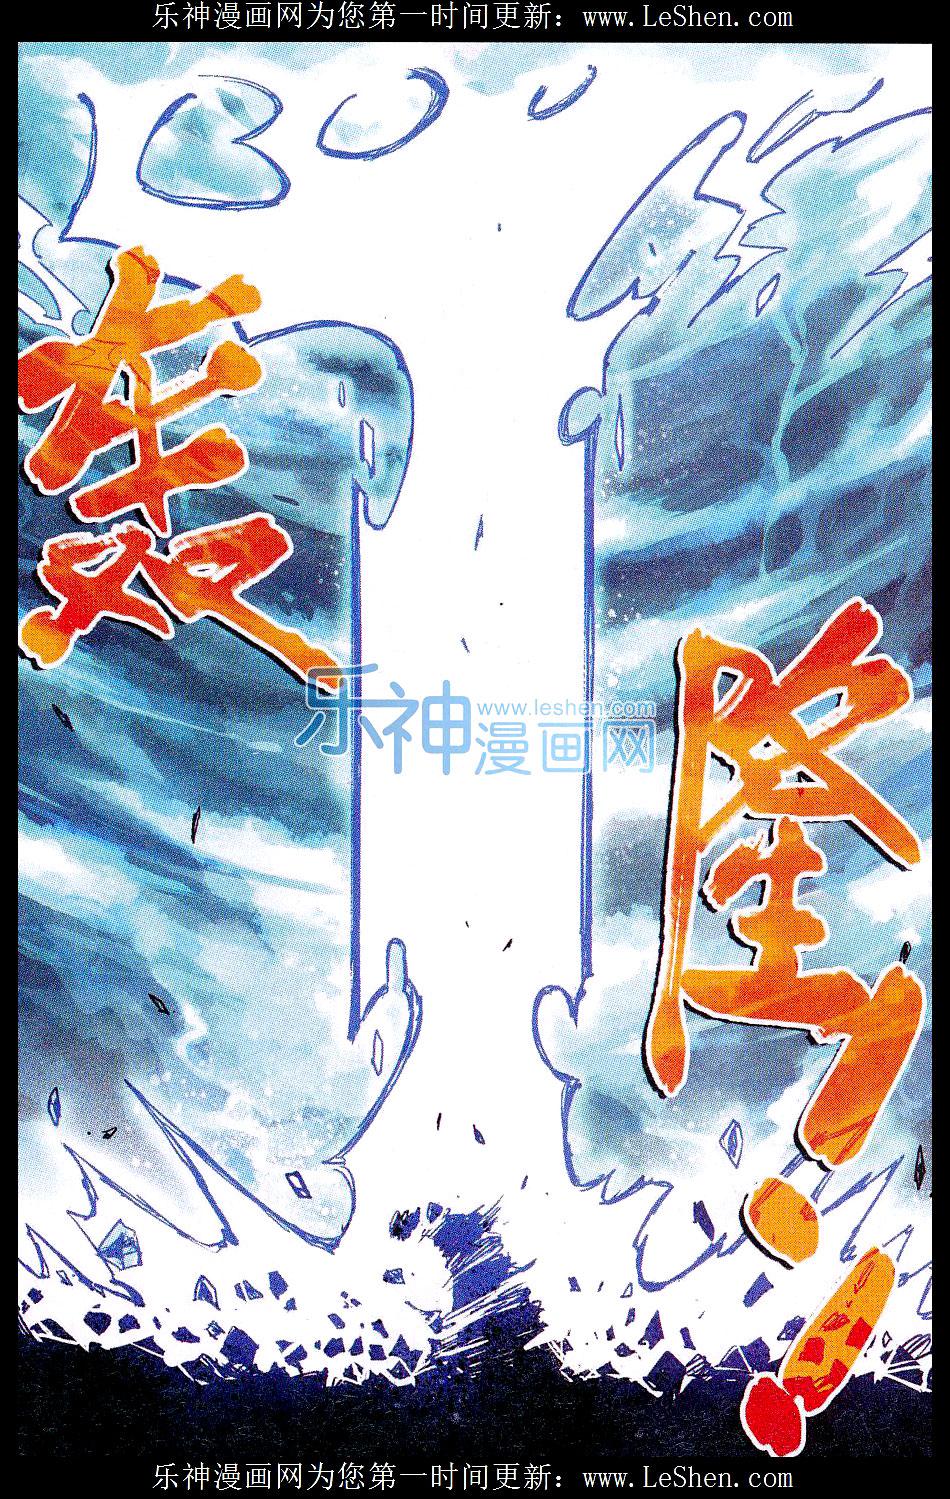 อ่านการ์ตูน Zui Wu Dao 51 ภาพที่ 6